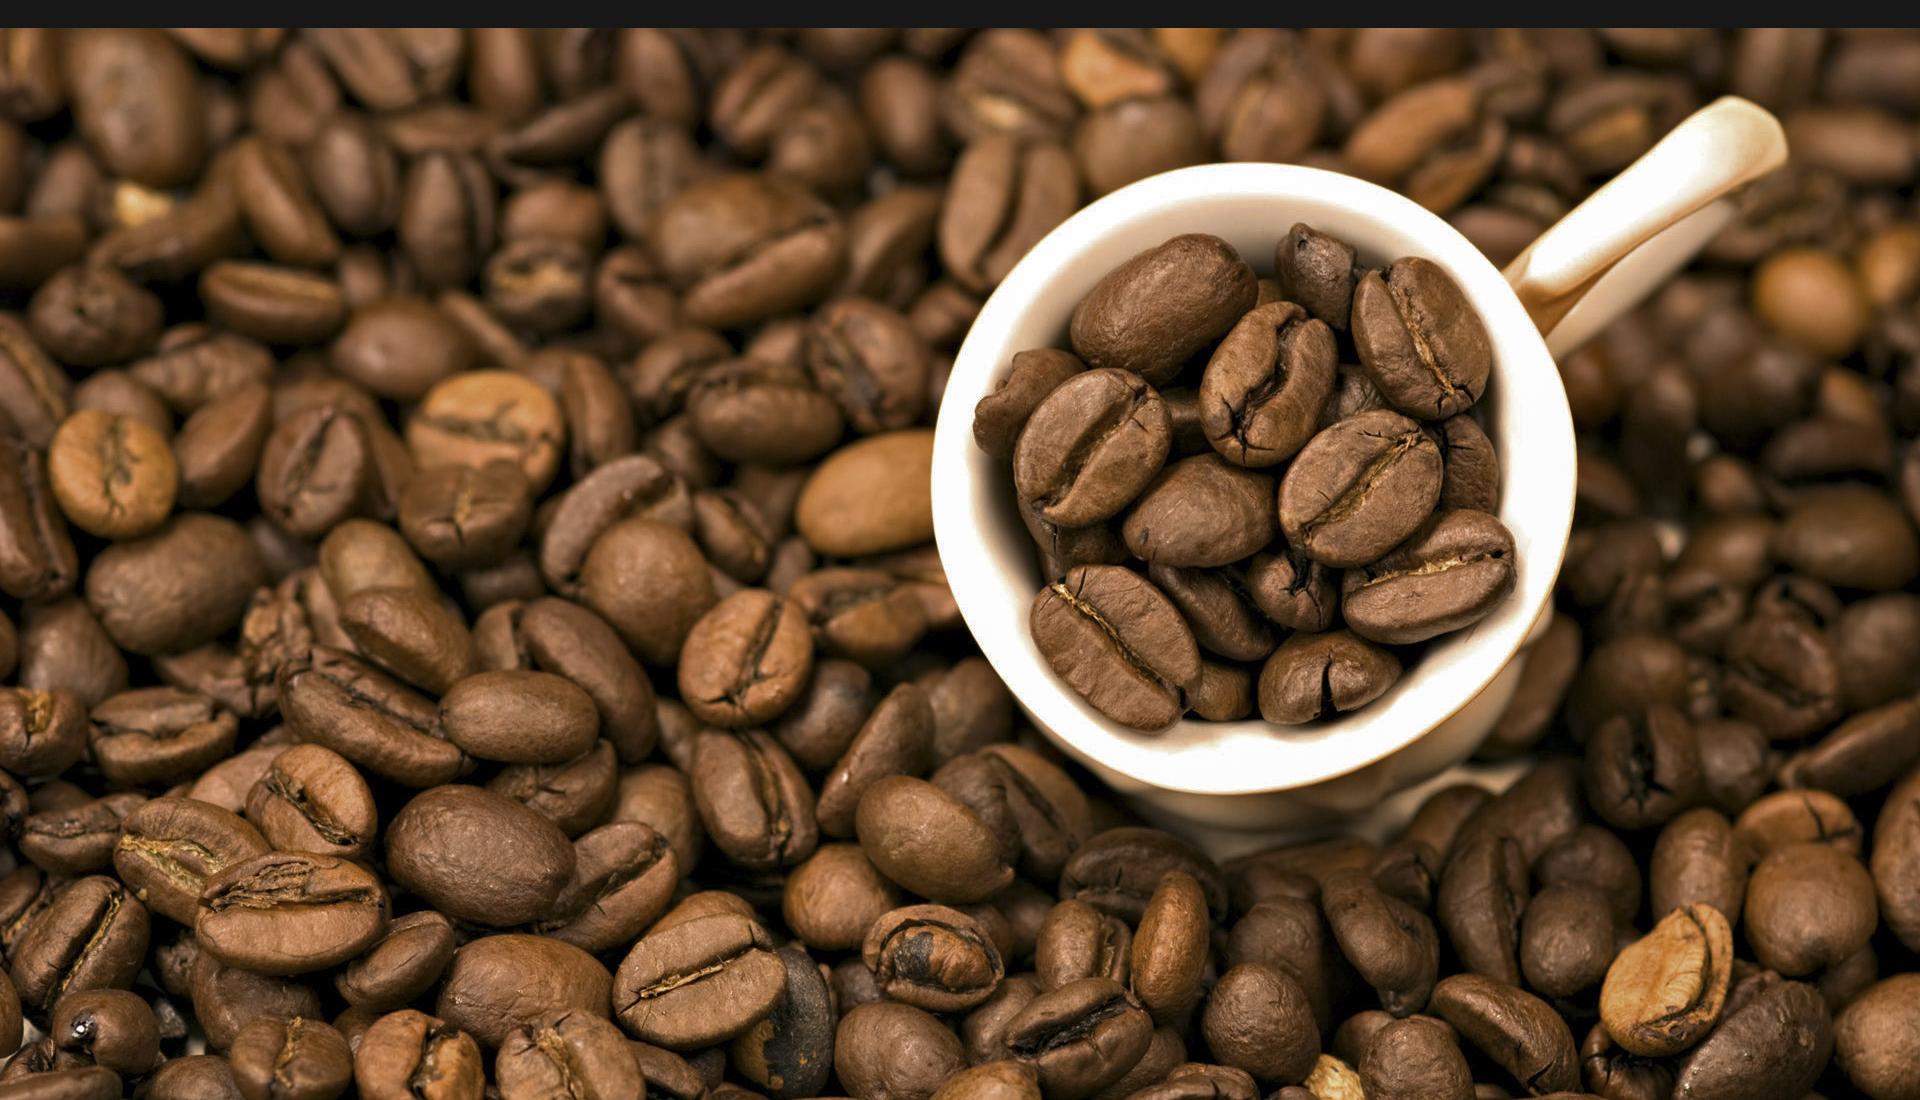 [eMagazine] Cà phê đặc sản: Cửa ngách để nâng tầm cà phê Việt - Ảnh 6.